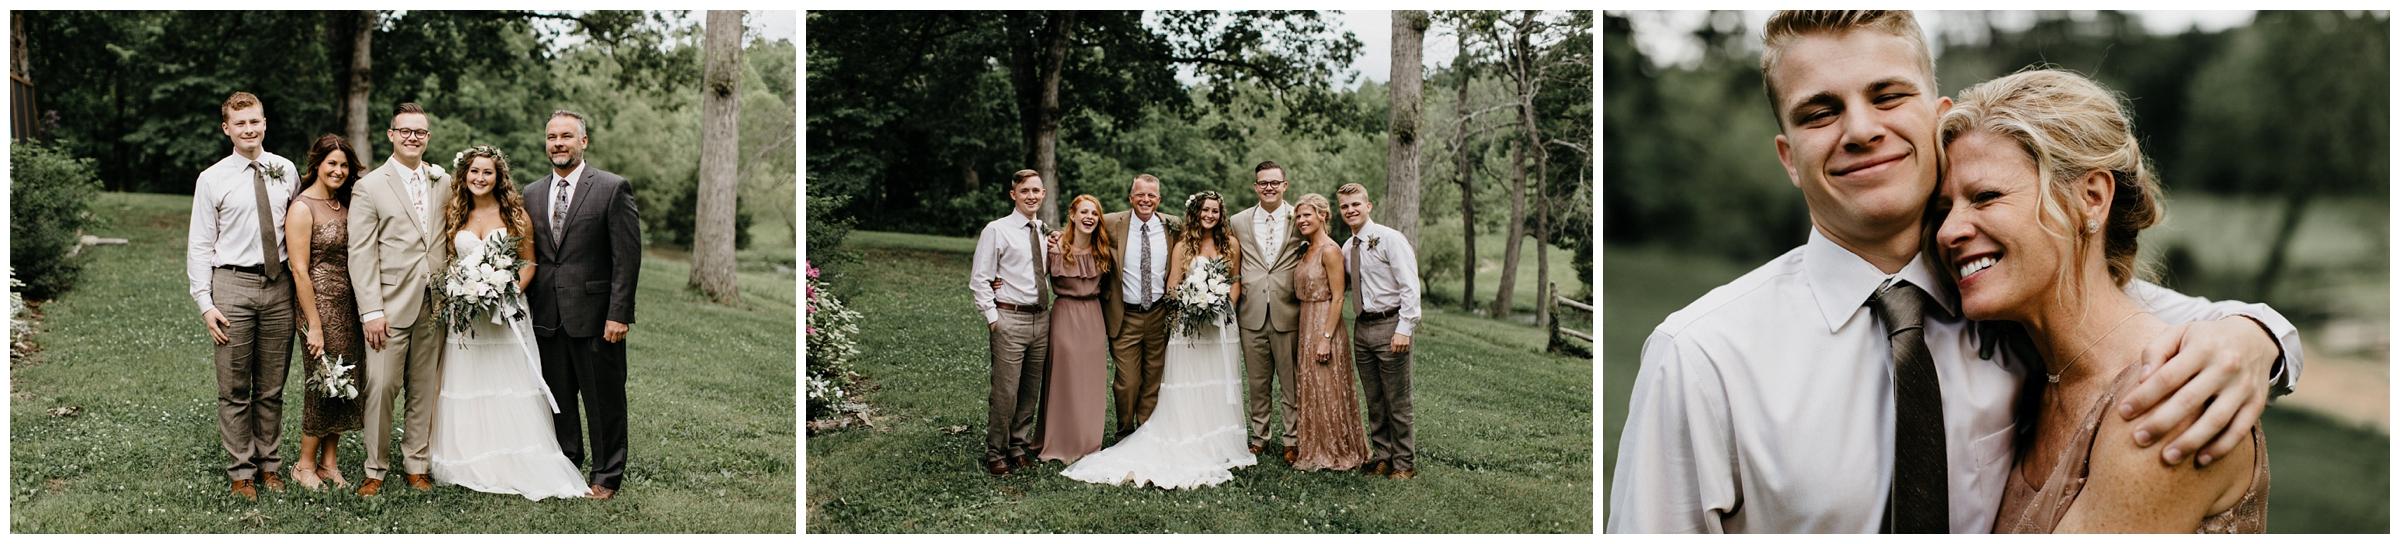 family photography springfield missouri